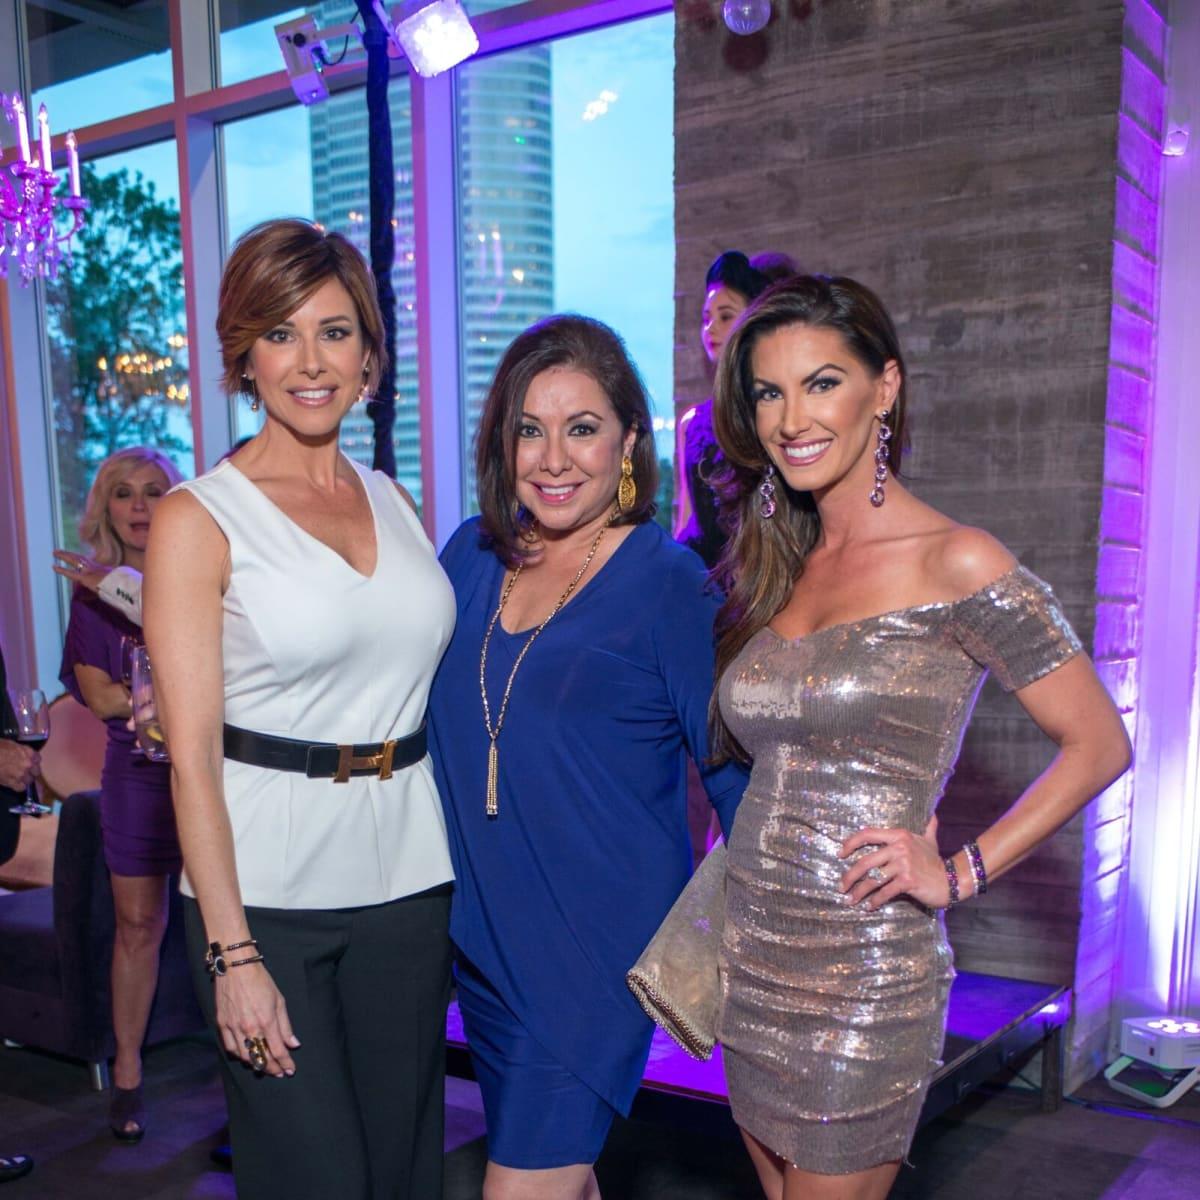 Purple party, Dominique Sachse Florescu, Debbie Festari, Nicole O'Brian Lassiter